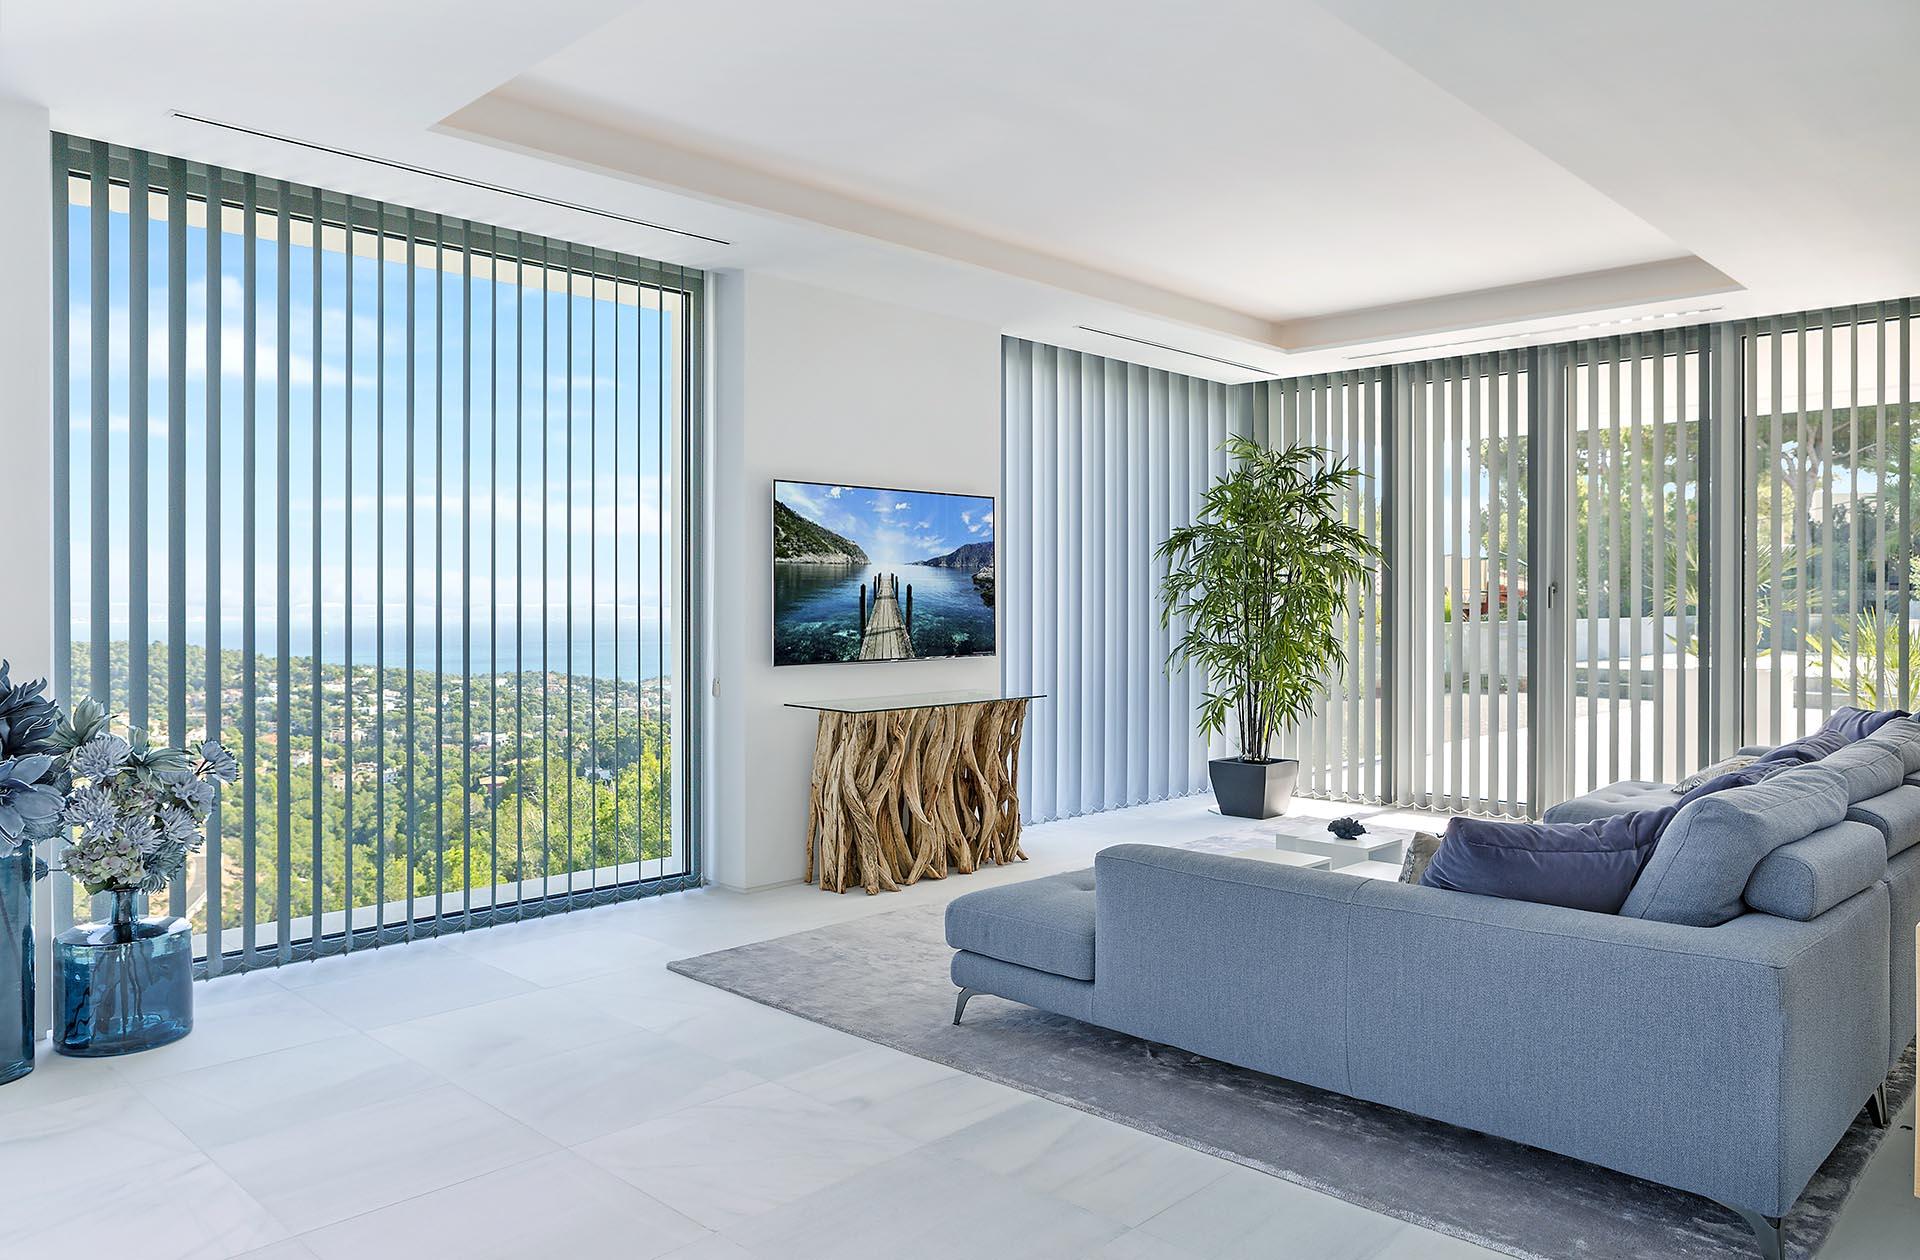 Traumhafte moderne Villa in Costa den Blanes - Wunderschöner Blick